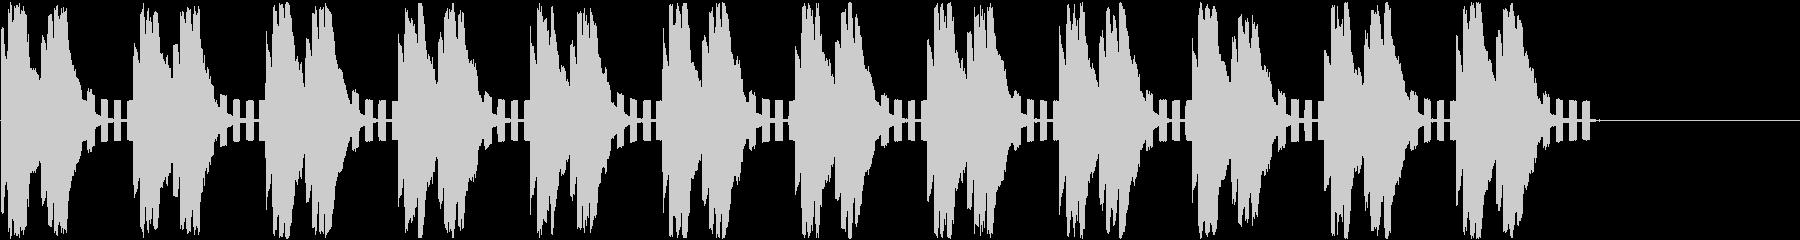 警告音/緊急事態/アラートの未再生の波形